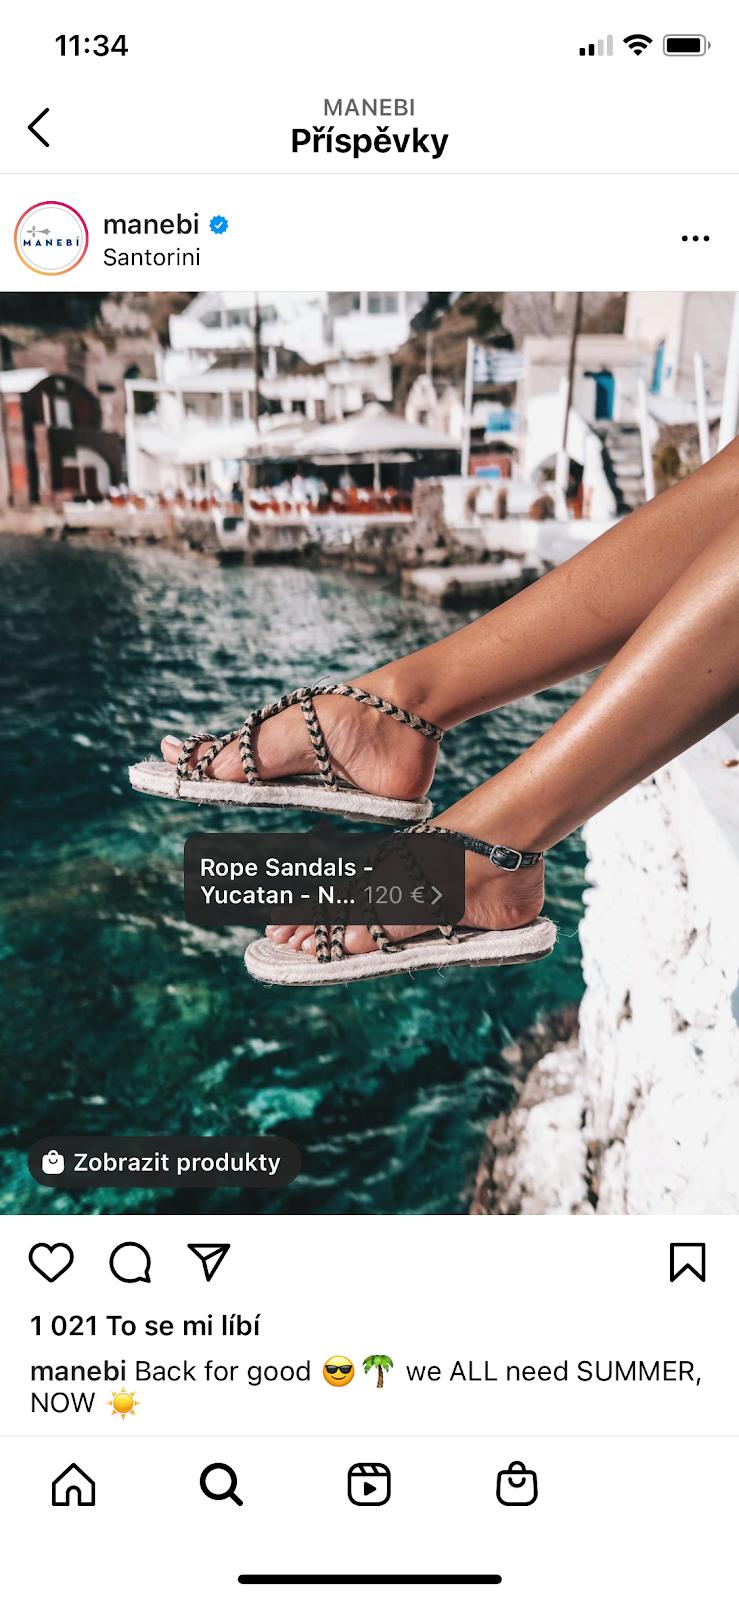 Reklama na sociálních sítích, online marketing, Instagram shopping, marketingová agentura.